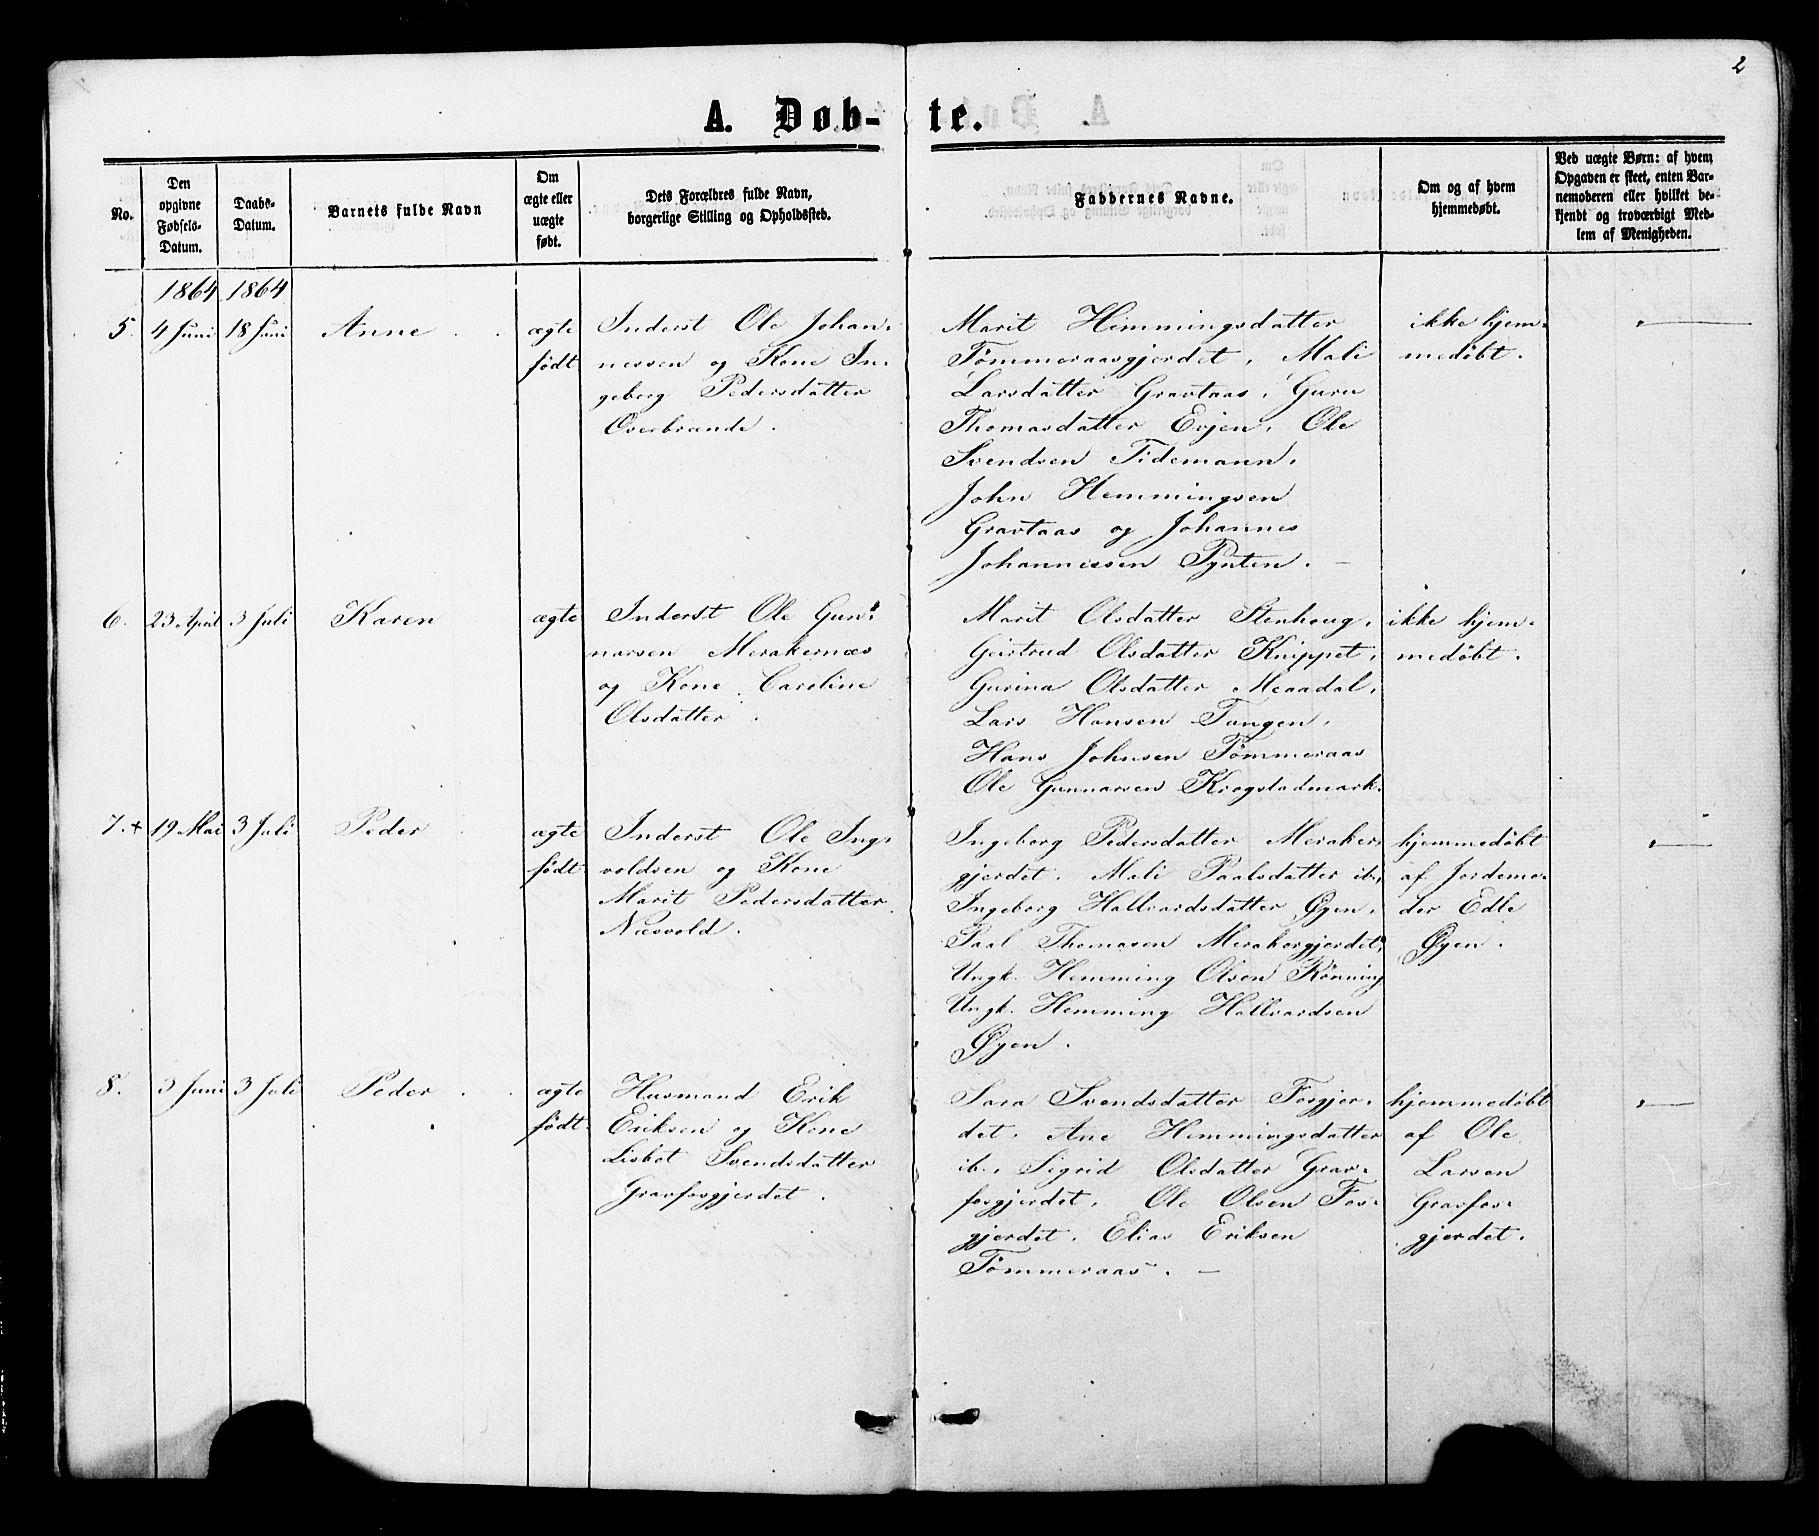 SAT, Ministerialprotokoller, klokkerbøker og fødselsregistre - Nord-Trøndelag, 706/L0049: Klokkerbok nr. 706C01, 1864-1895, s. 2